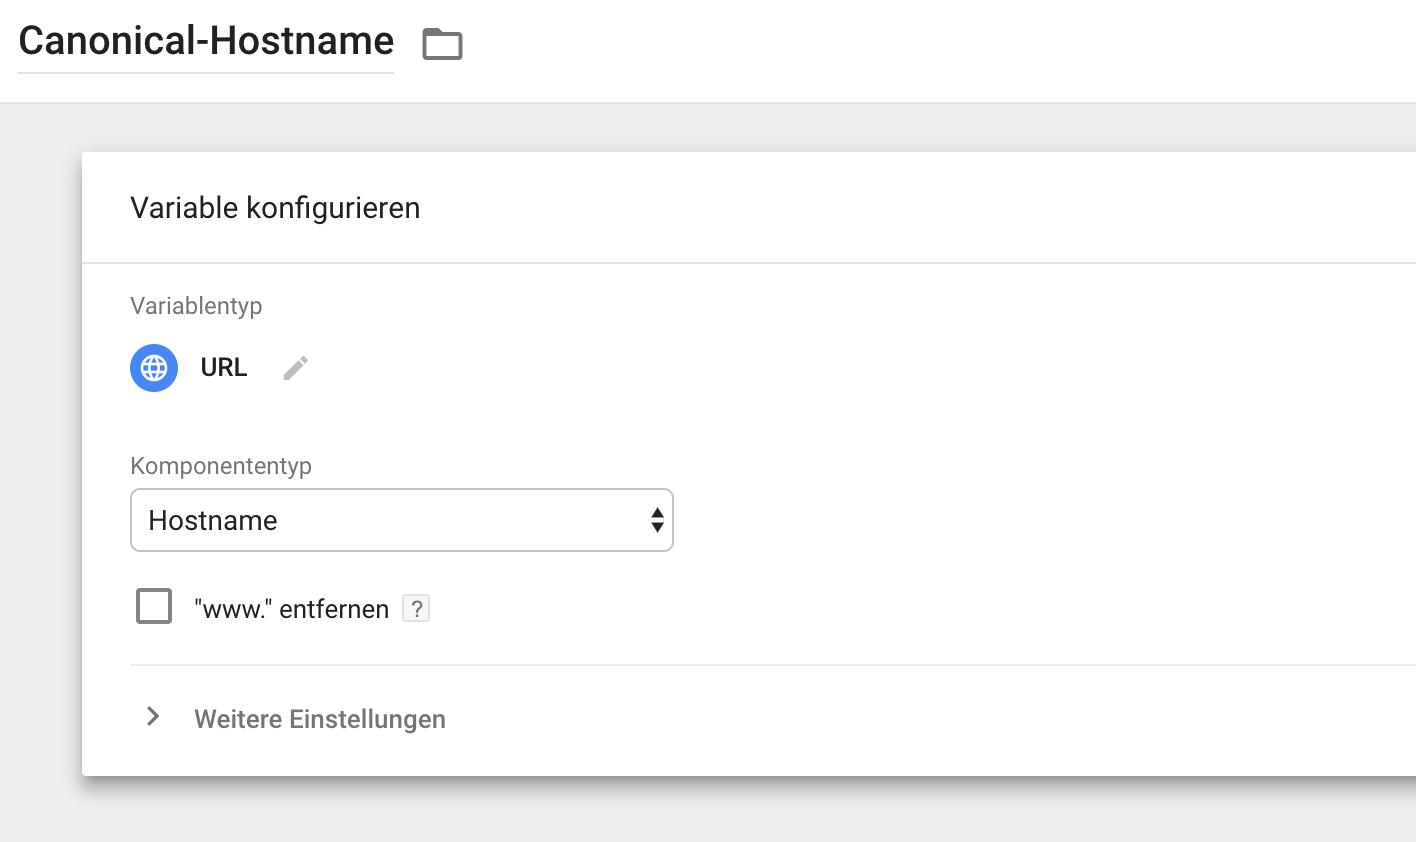 Erstellung eines Canonical-Hostname